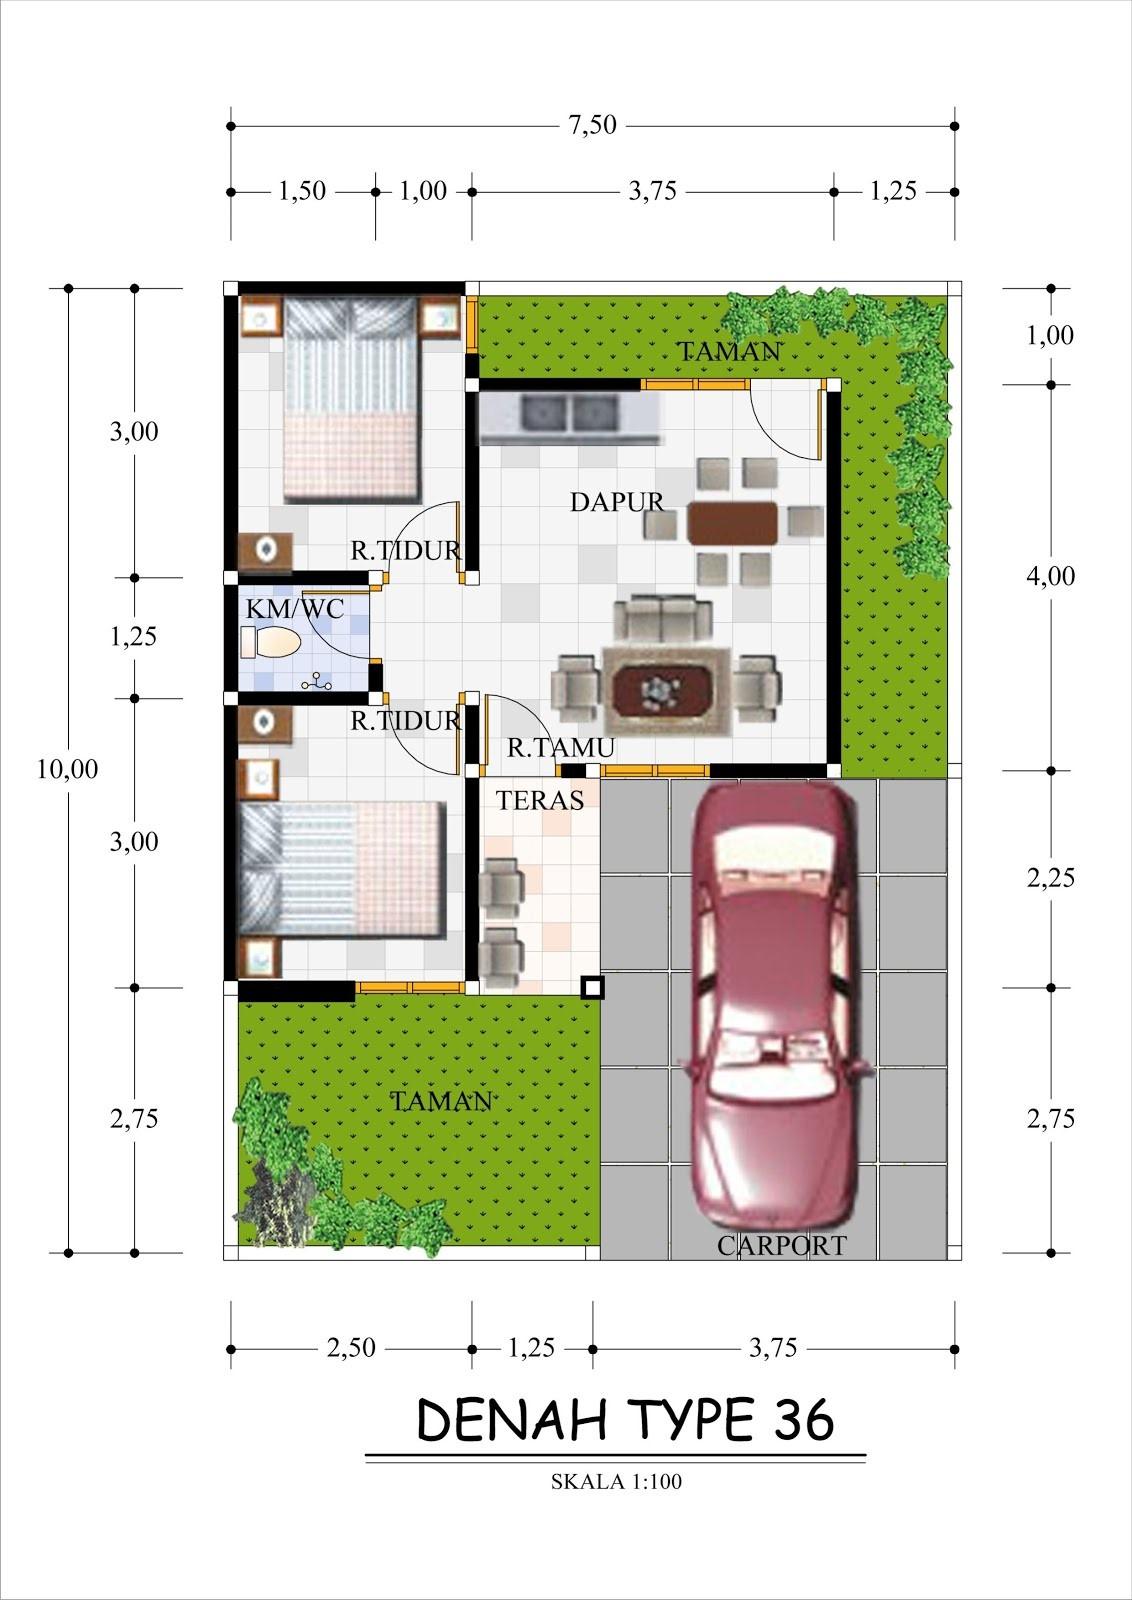 contoh gambar denah rumah minimalis type 36 1